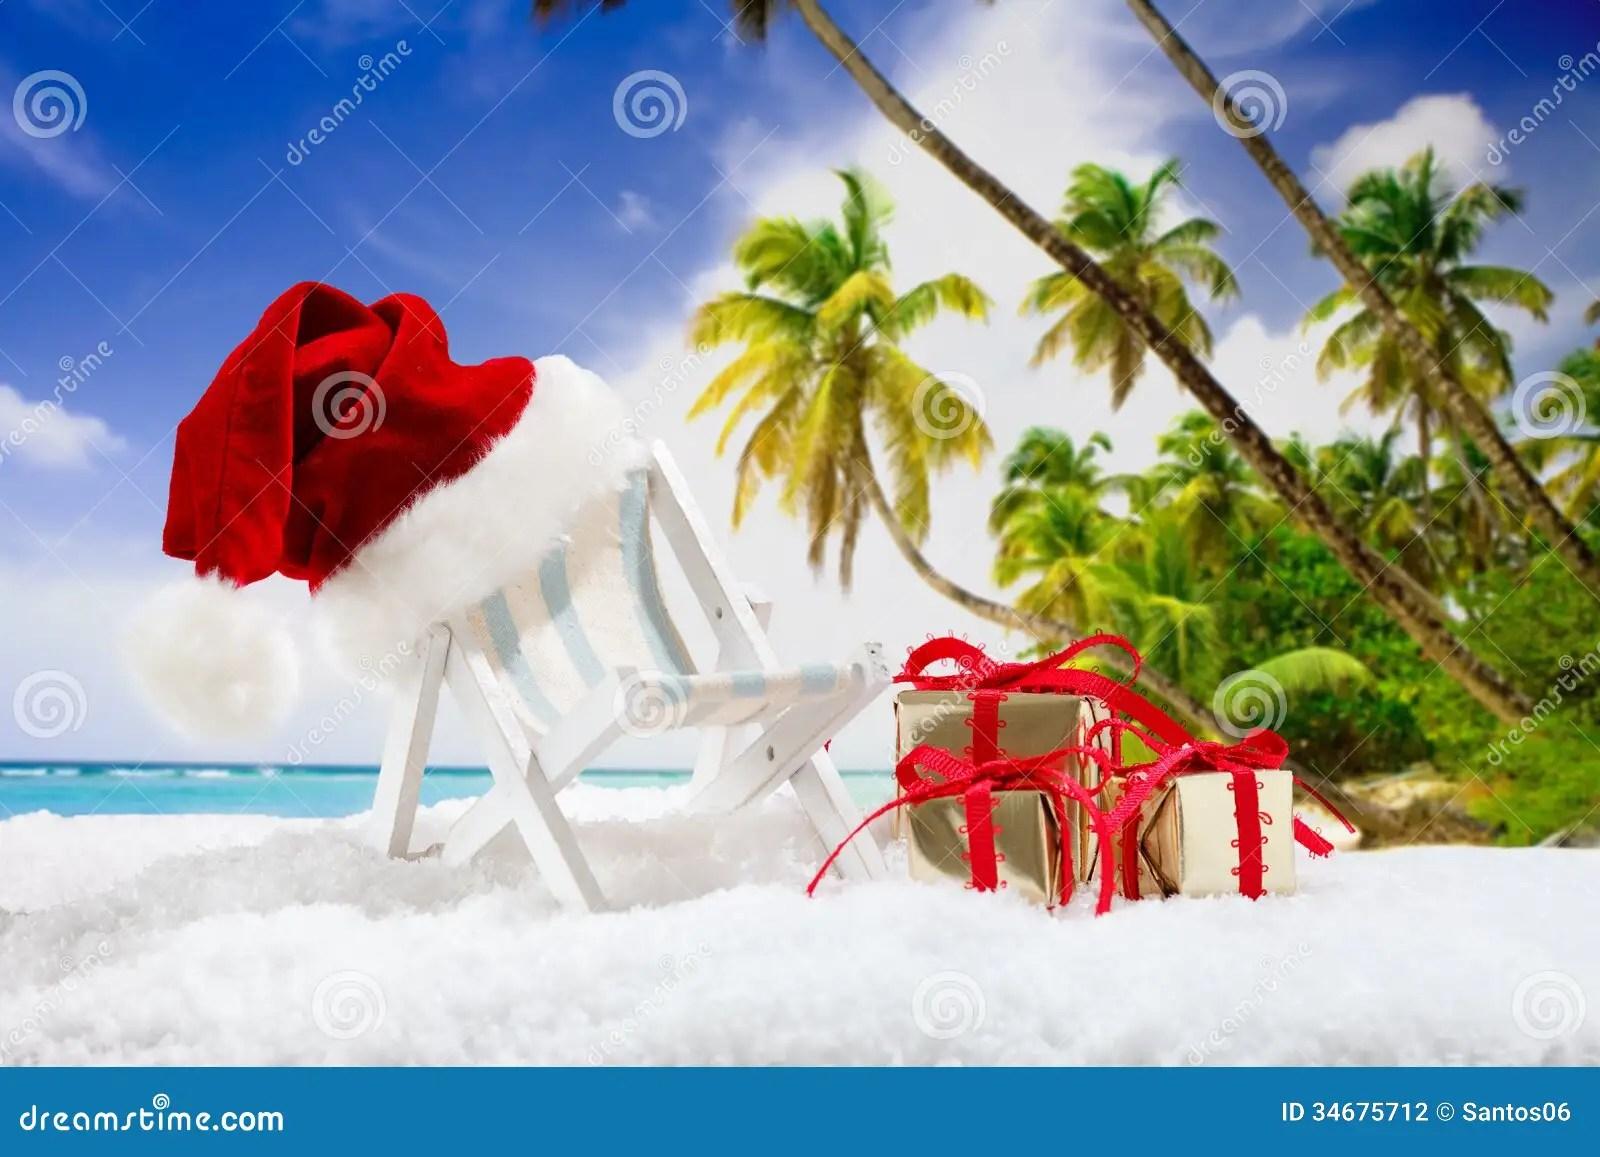 Christmas Time Stock Photography Image 34675712